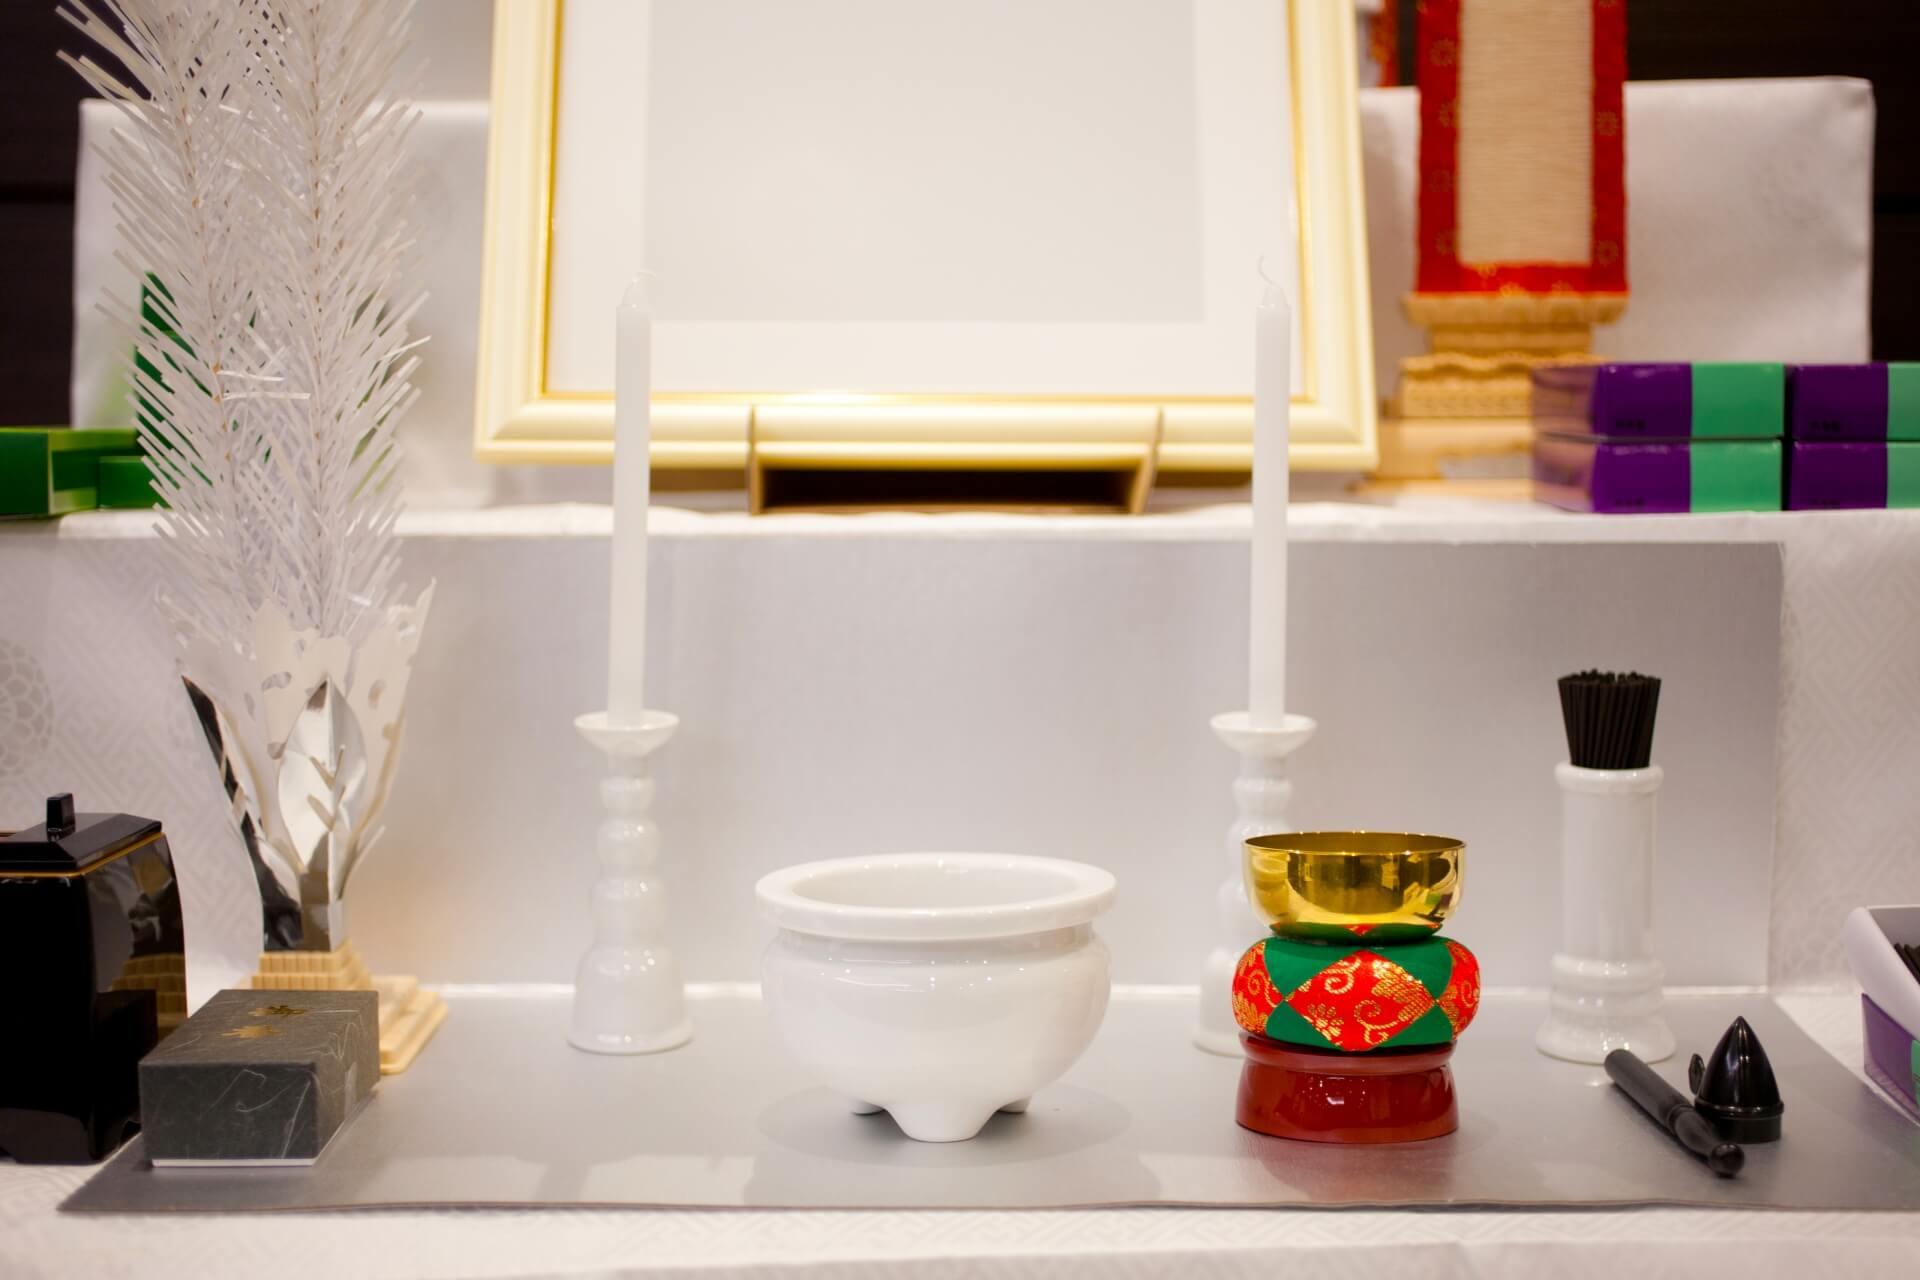 川崎市で身内だけの家族葬を行う場合どのような祭壇を選べばいい?